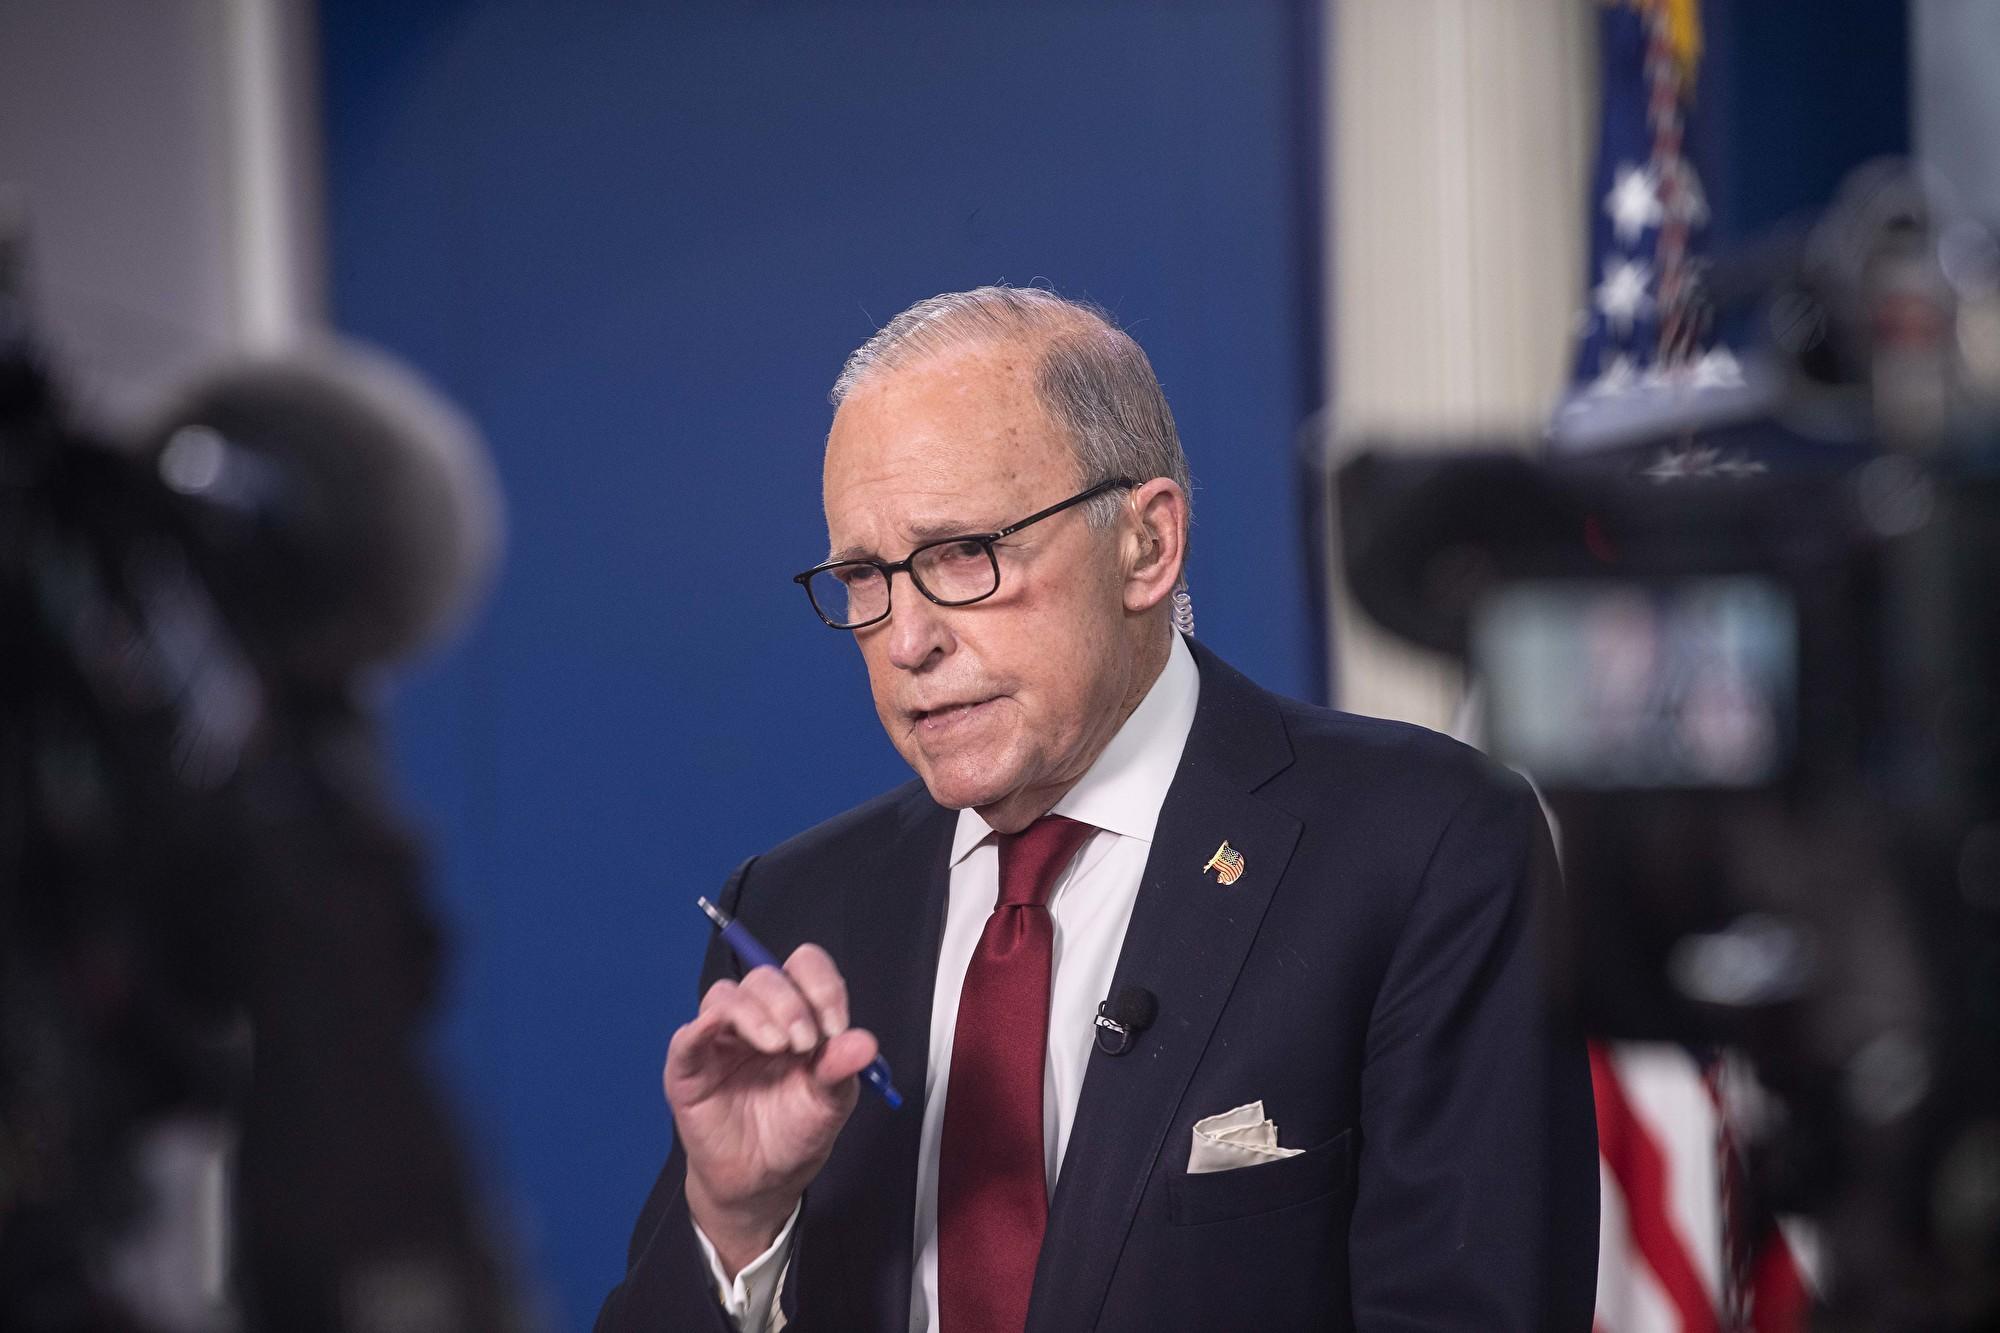 白宮首席經濟顧問庫德洛2020年7月13日在接受媒體採訪時,透露特朗普對中共不滿的三個原因。圖為庫德洛資料照。(Nicholas Kamm / AFP)